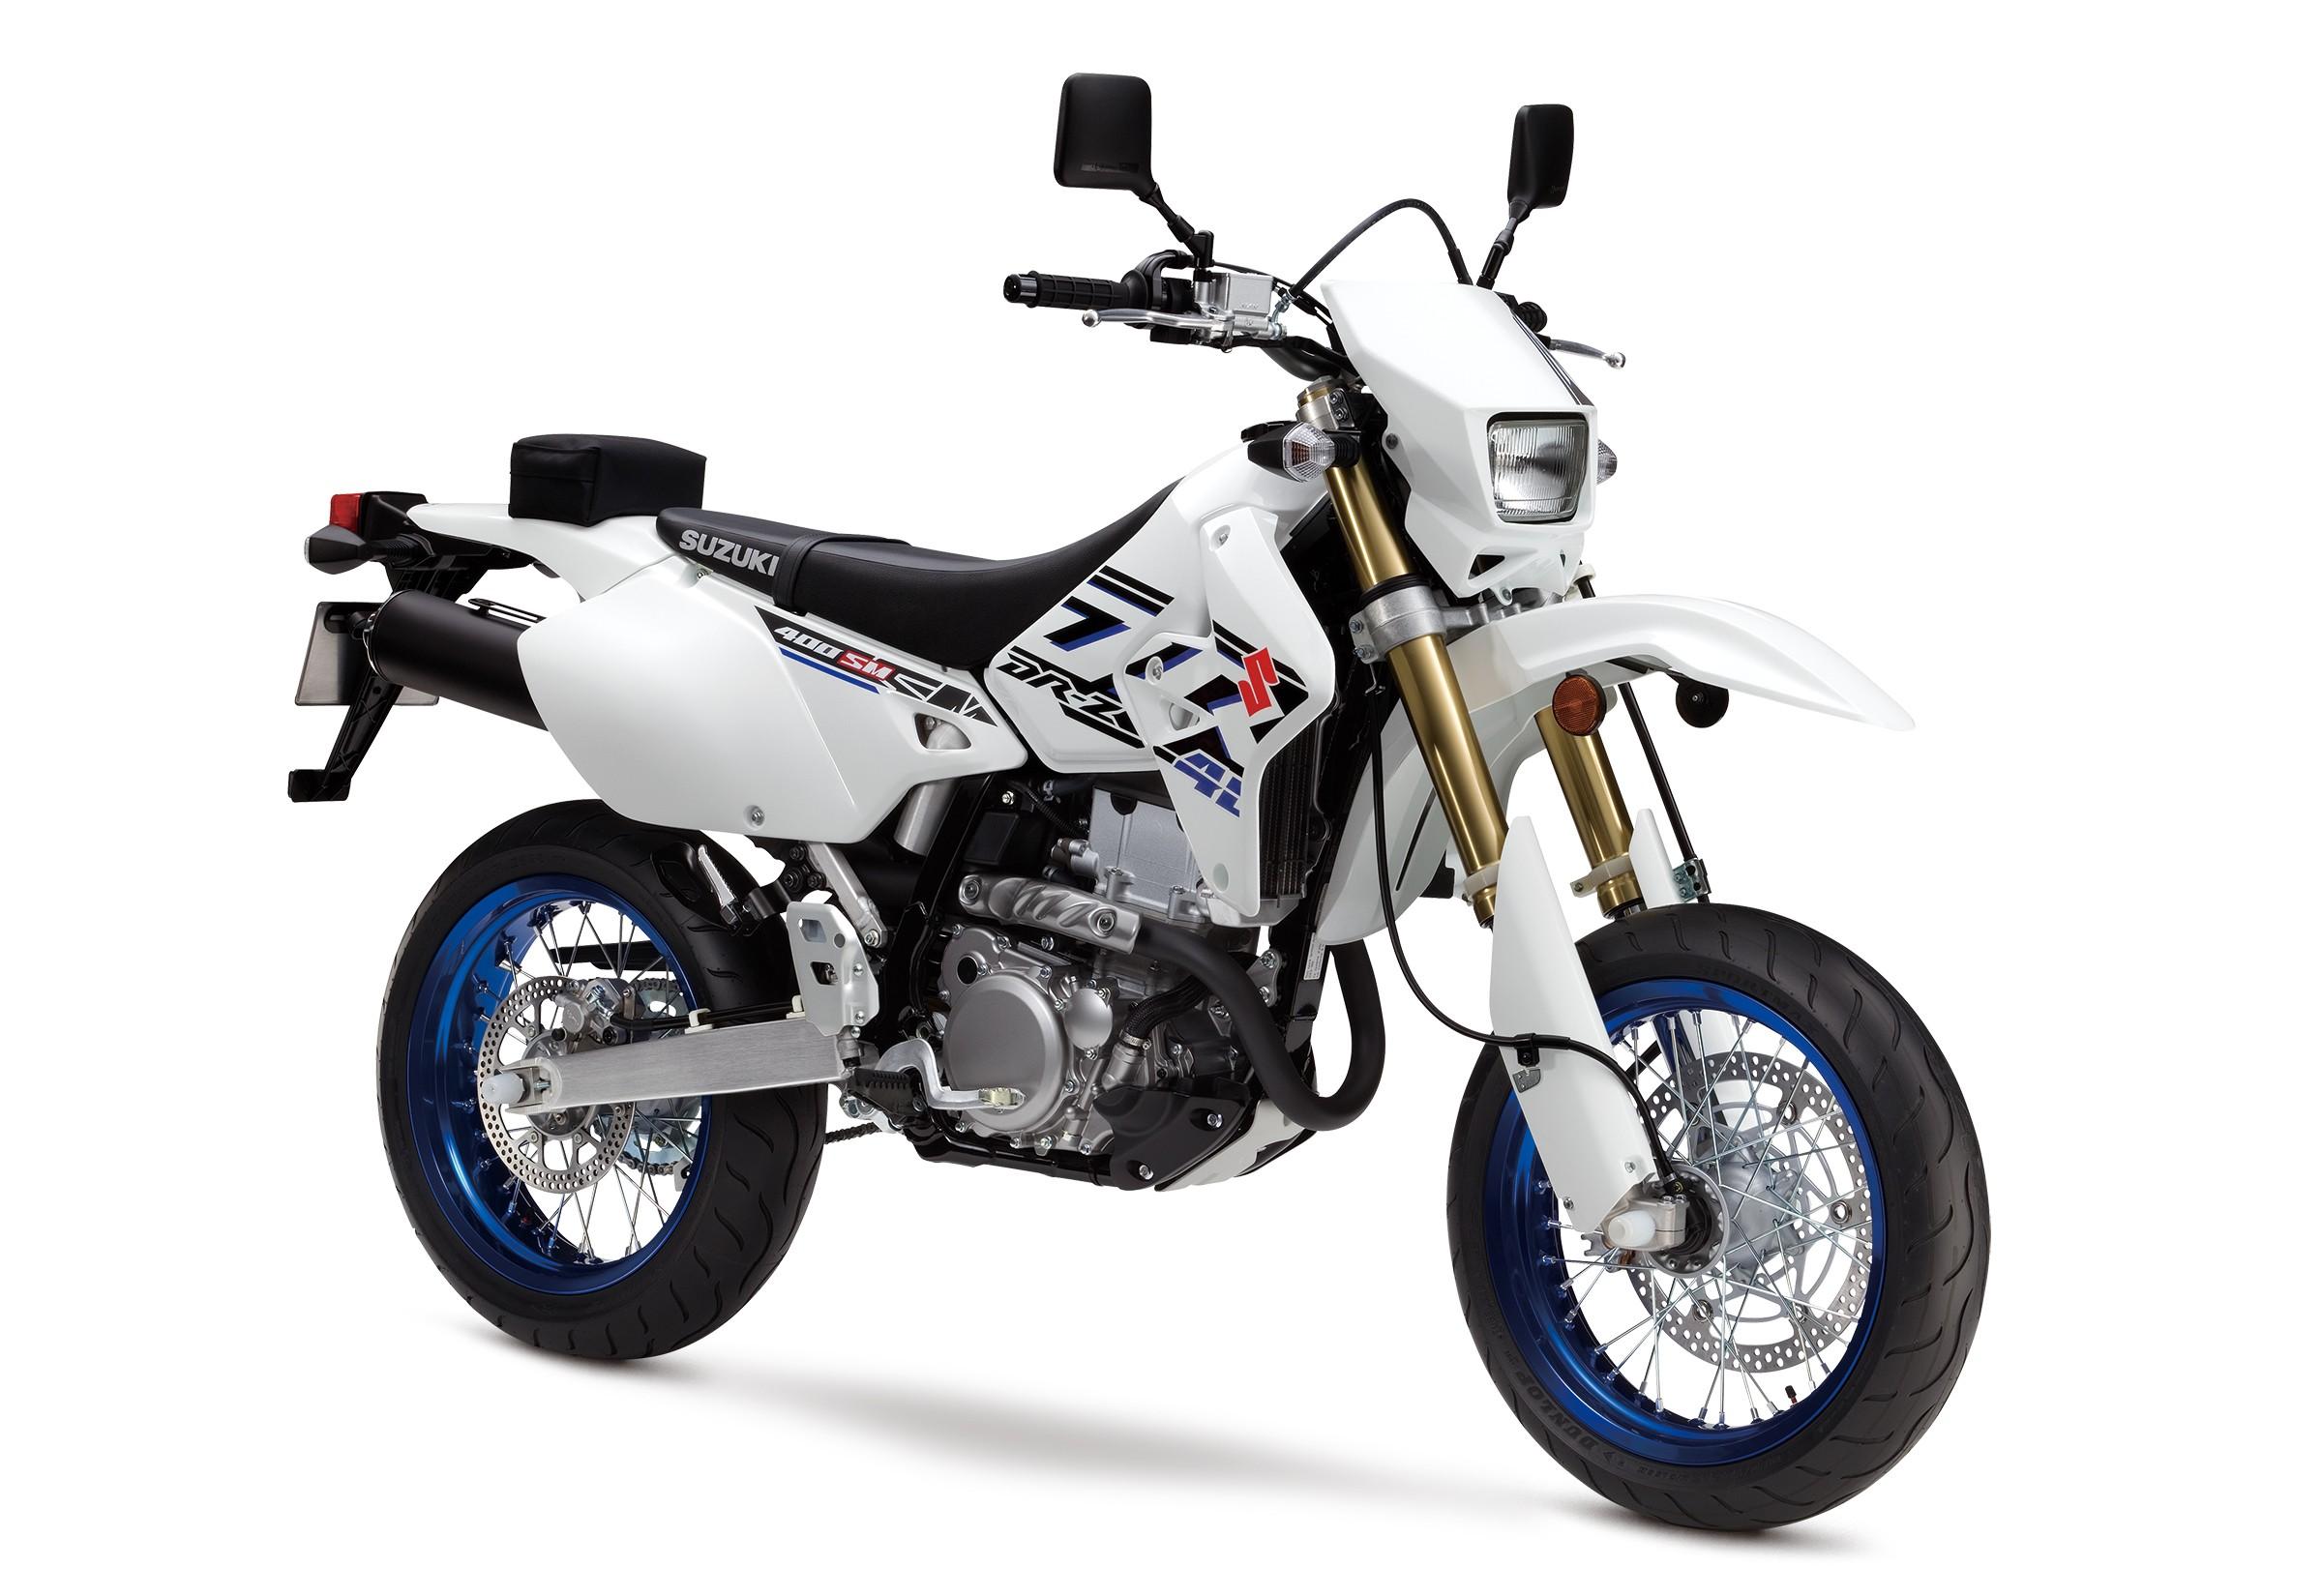 Suzuki Drz Review